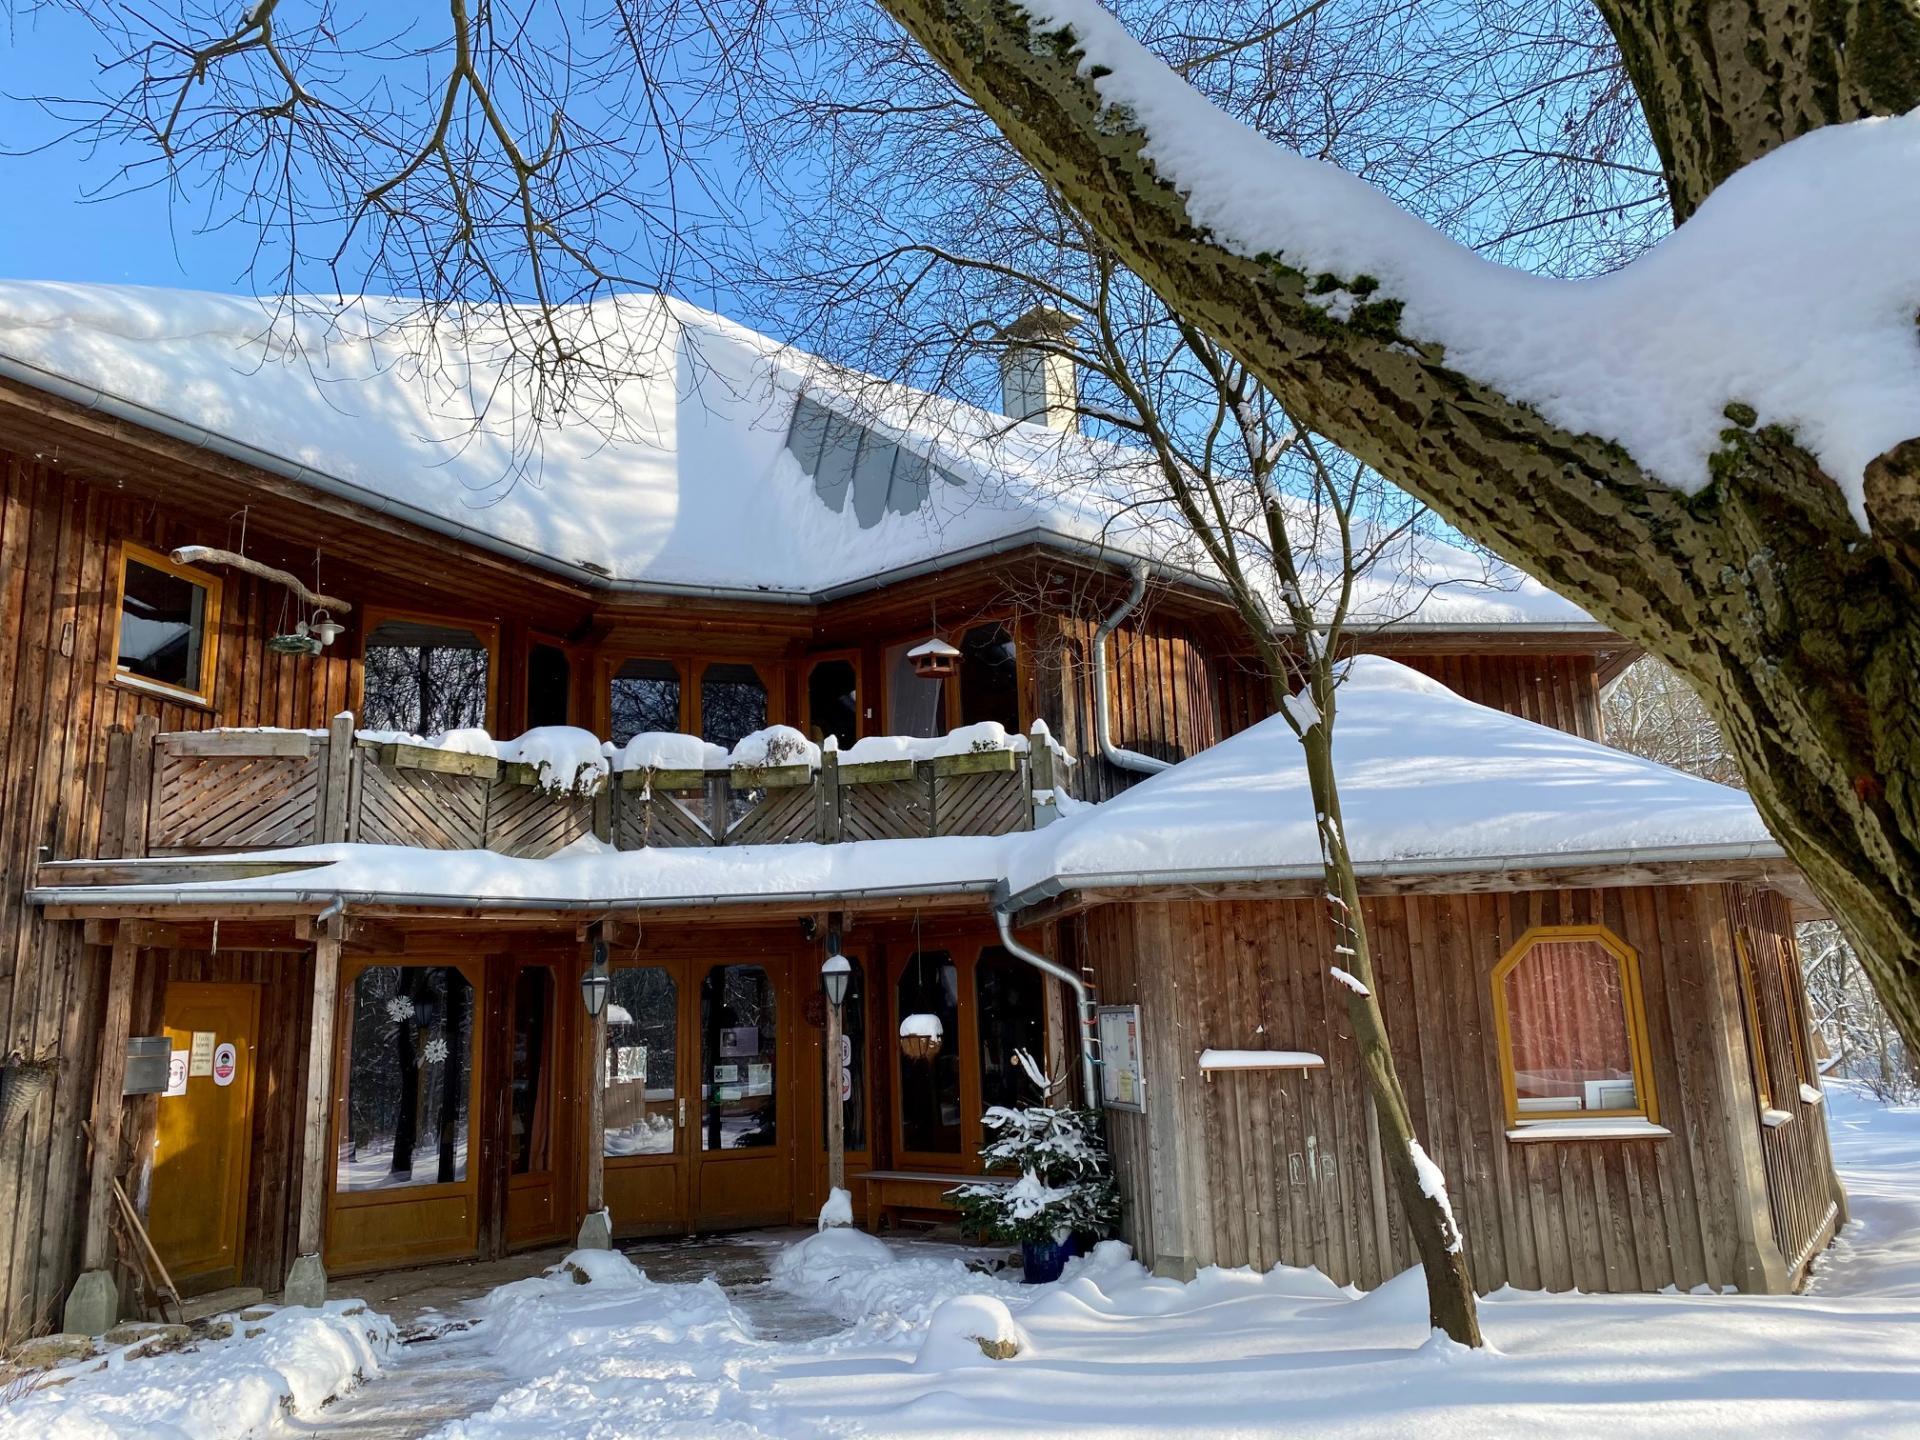 Eingang im Schnee